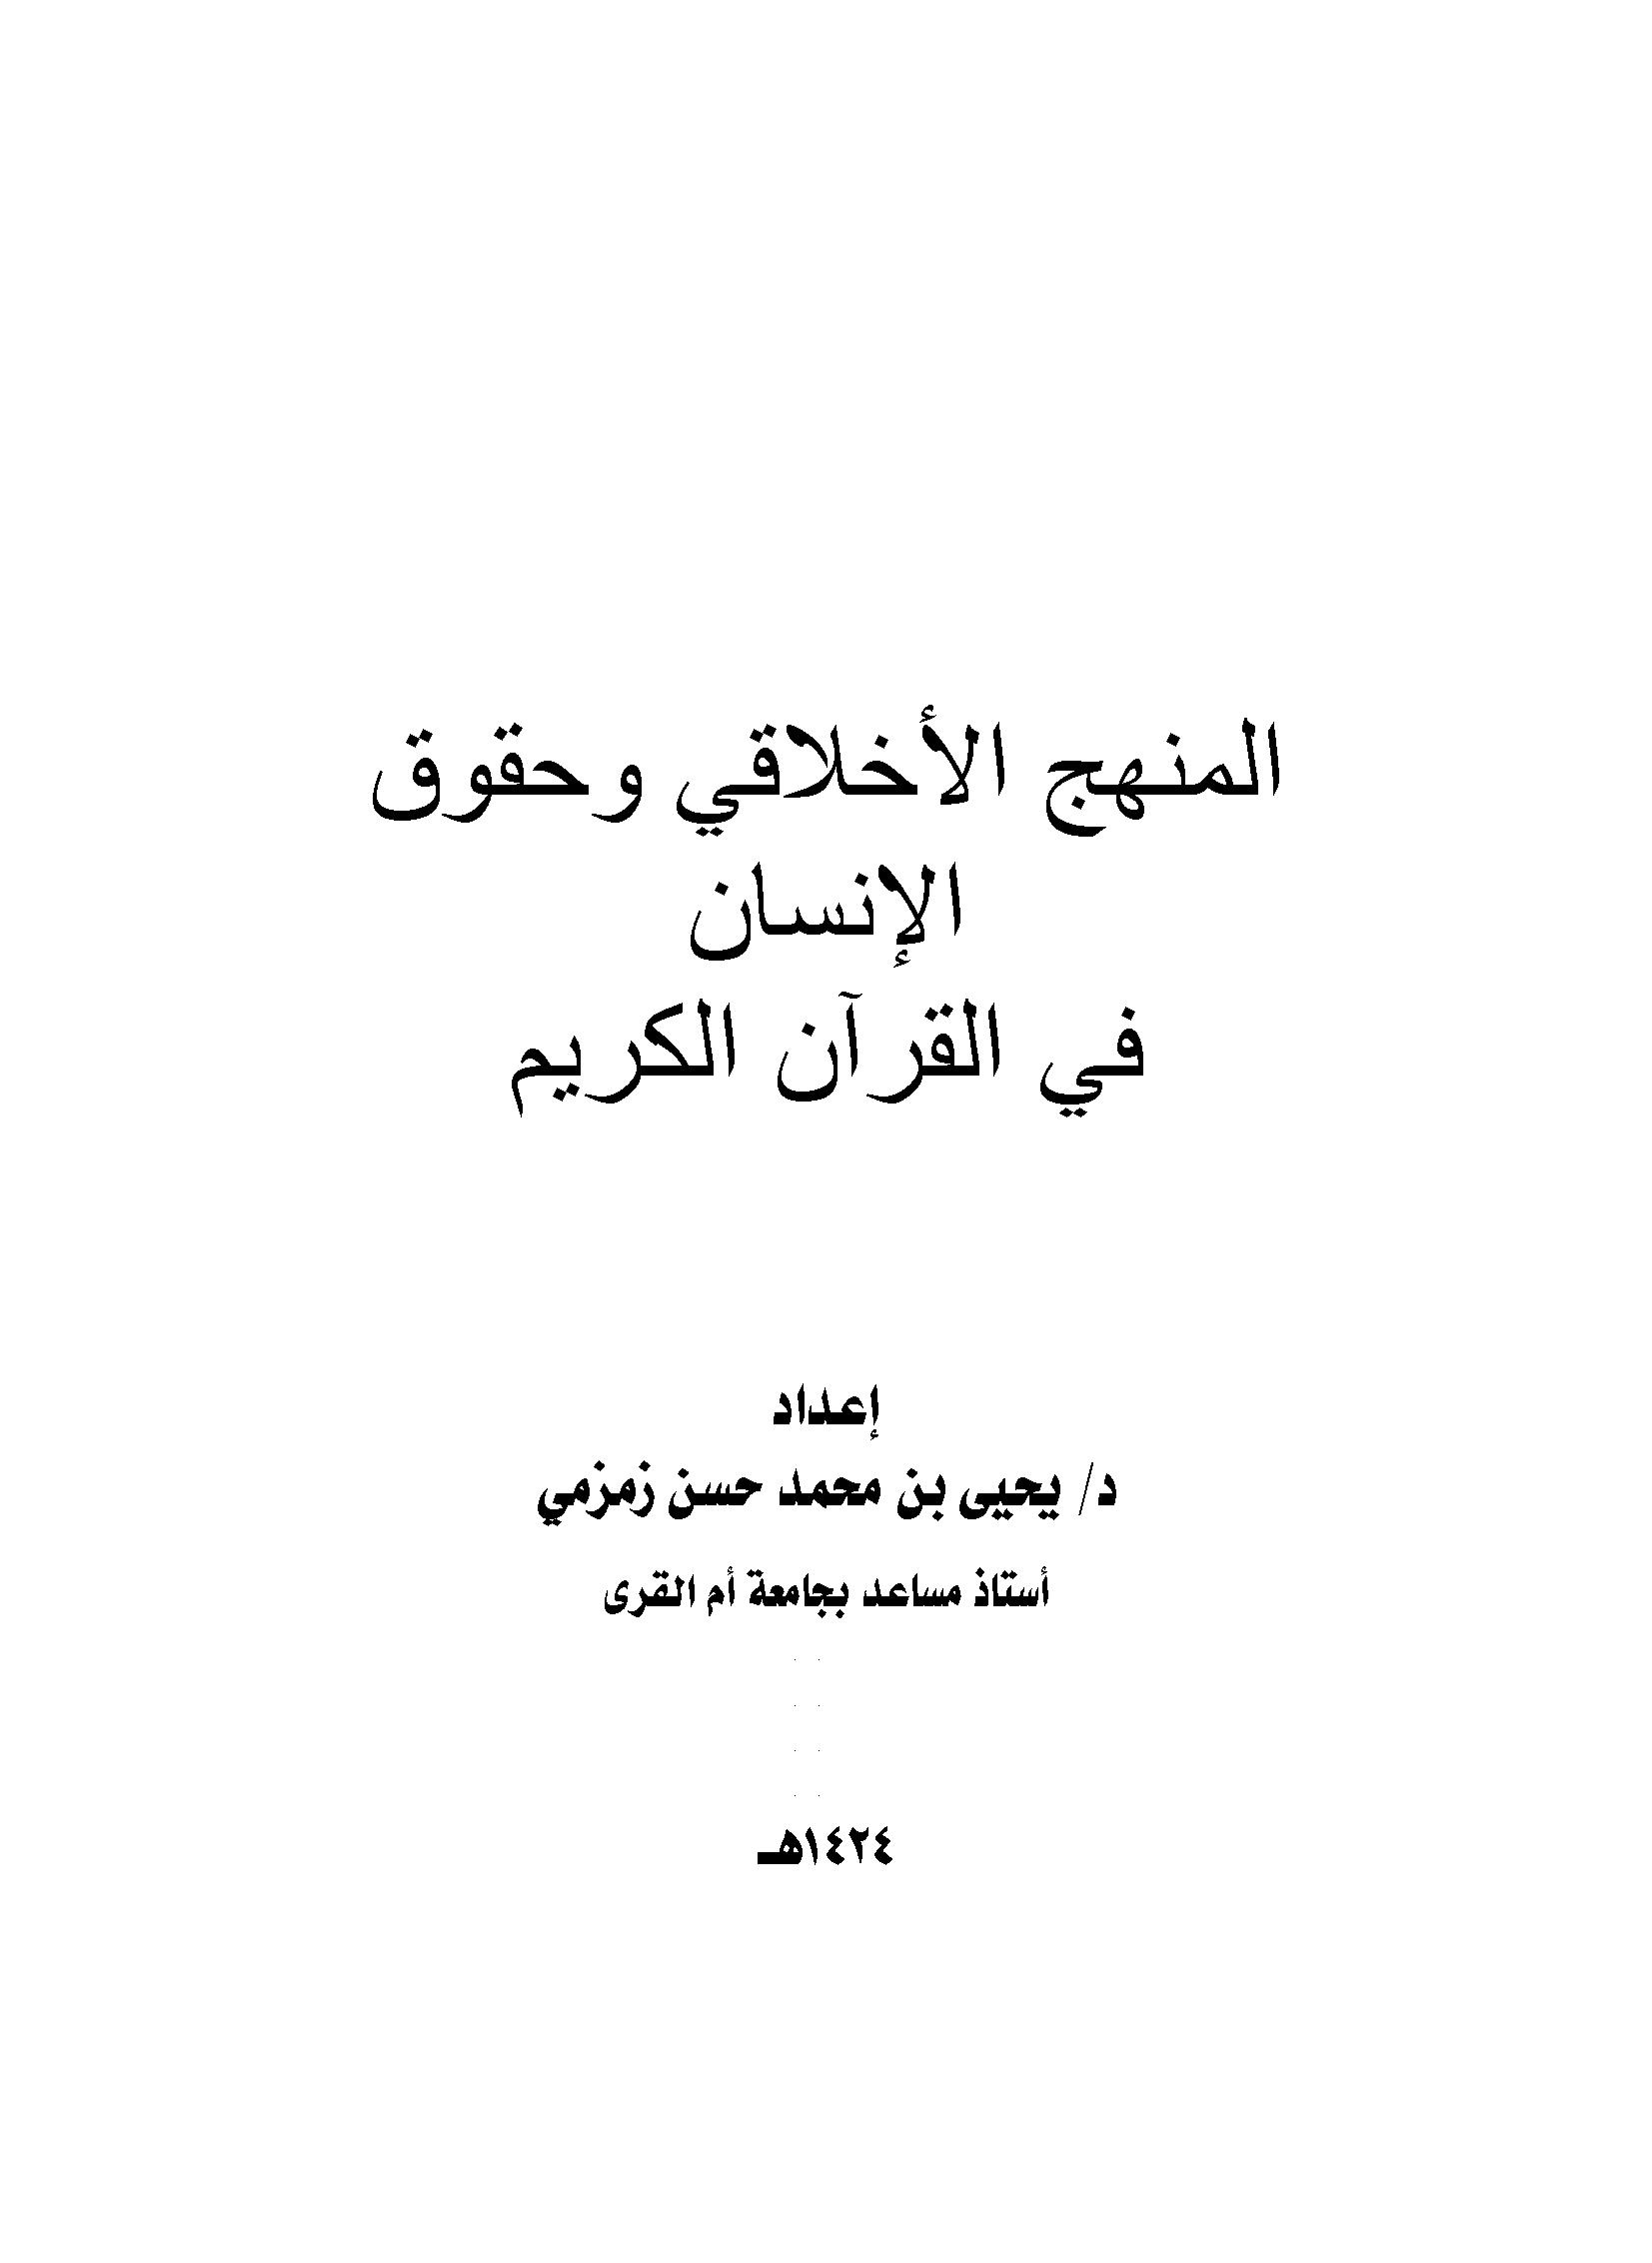 تحميل كتاب المنهج الأخلاقي وحقوق الإنسان في القرآن الكريم لـِ: الدكتور يحيى بن محمد حسن زمزمي